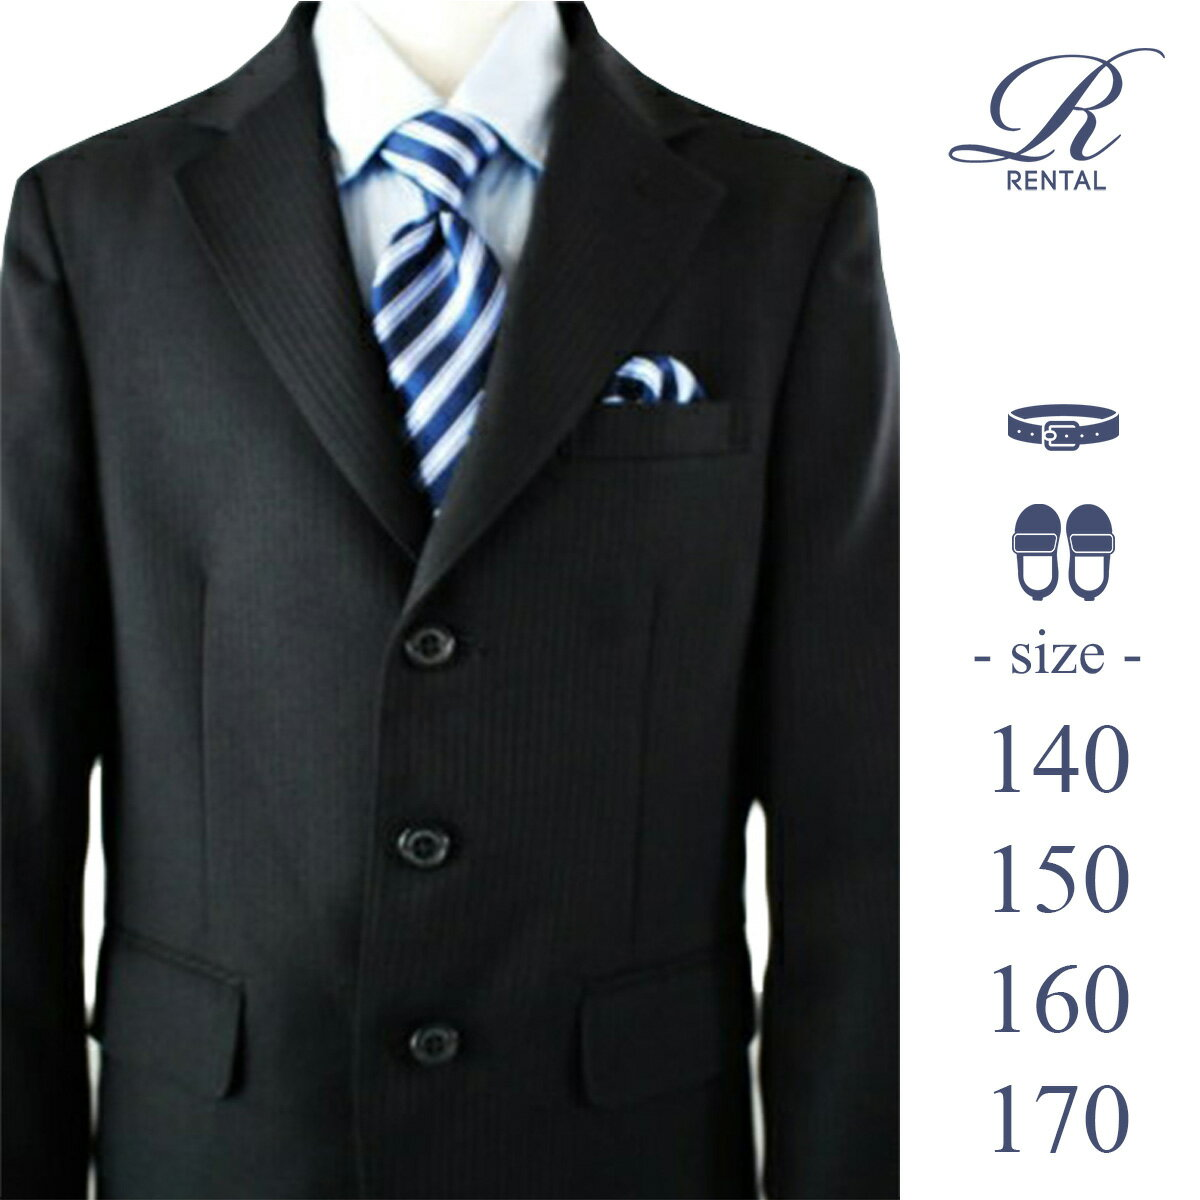 【レンタル/140 150 サイズ/b-122】WANDER FACTORY ブルーシャツにレジメンタルタイ 卒業式 スーツ 男の子 男の子スーツ 卒服 ジュニアスーツ 小学生 卒業式スーツ 卒業 結婚式 フォーマル ジュニア fy16REN07